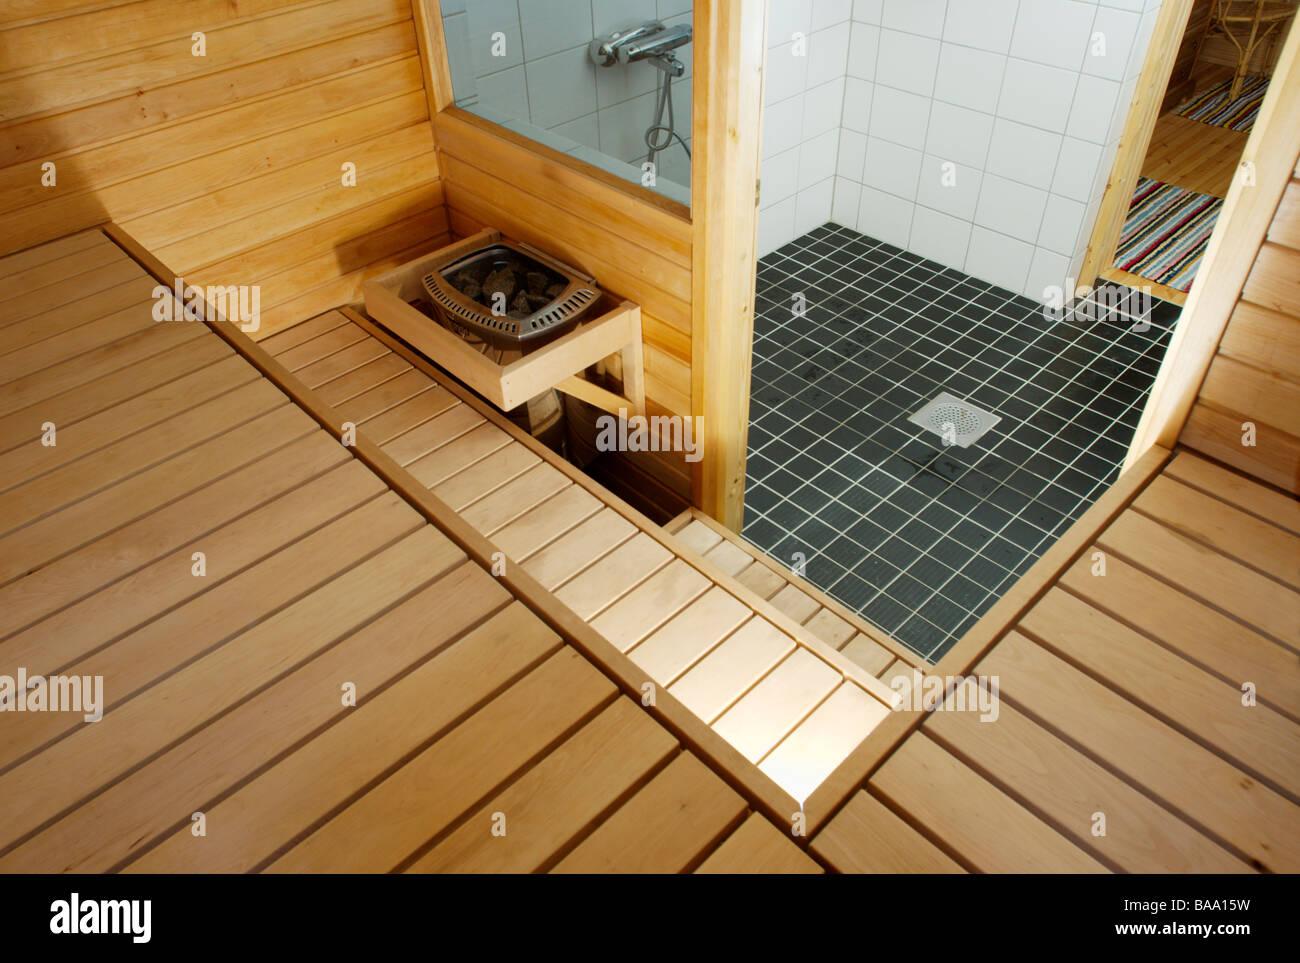 Sauna interior - Stock Image